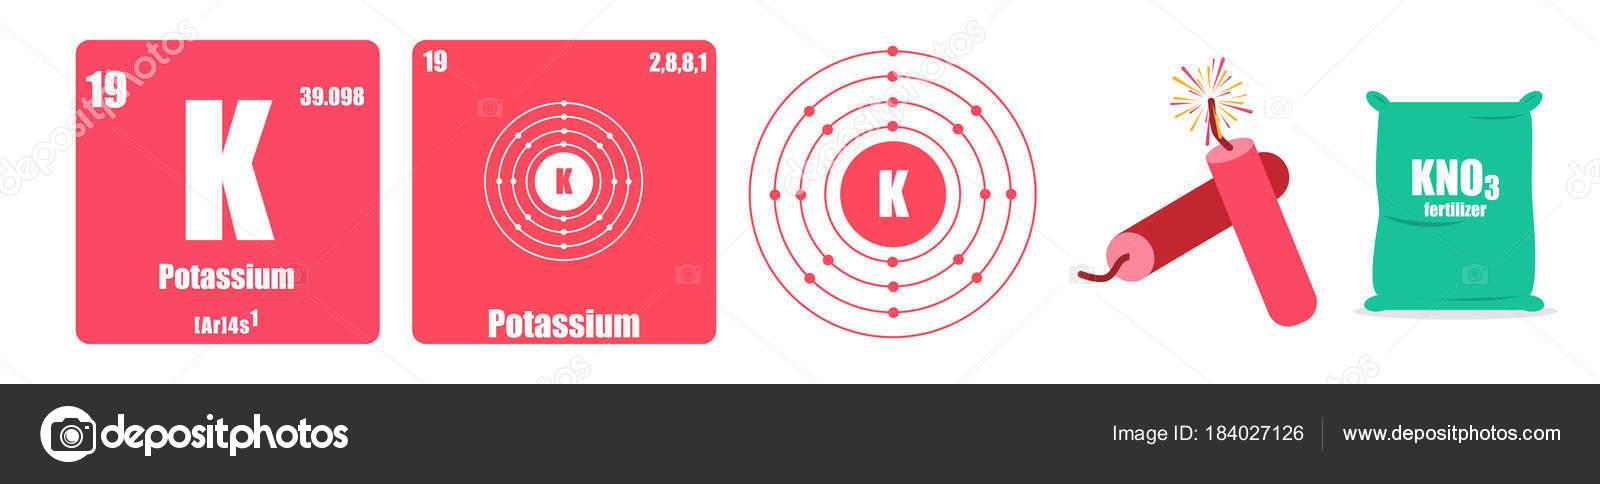 Tabla periodica de los elementos del grupo i los metales alcalinos tabla periodica de los elementos del grupo i los metales alcalinos potasio p archivo imgenes urtaz Gallery